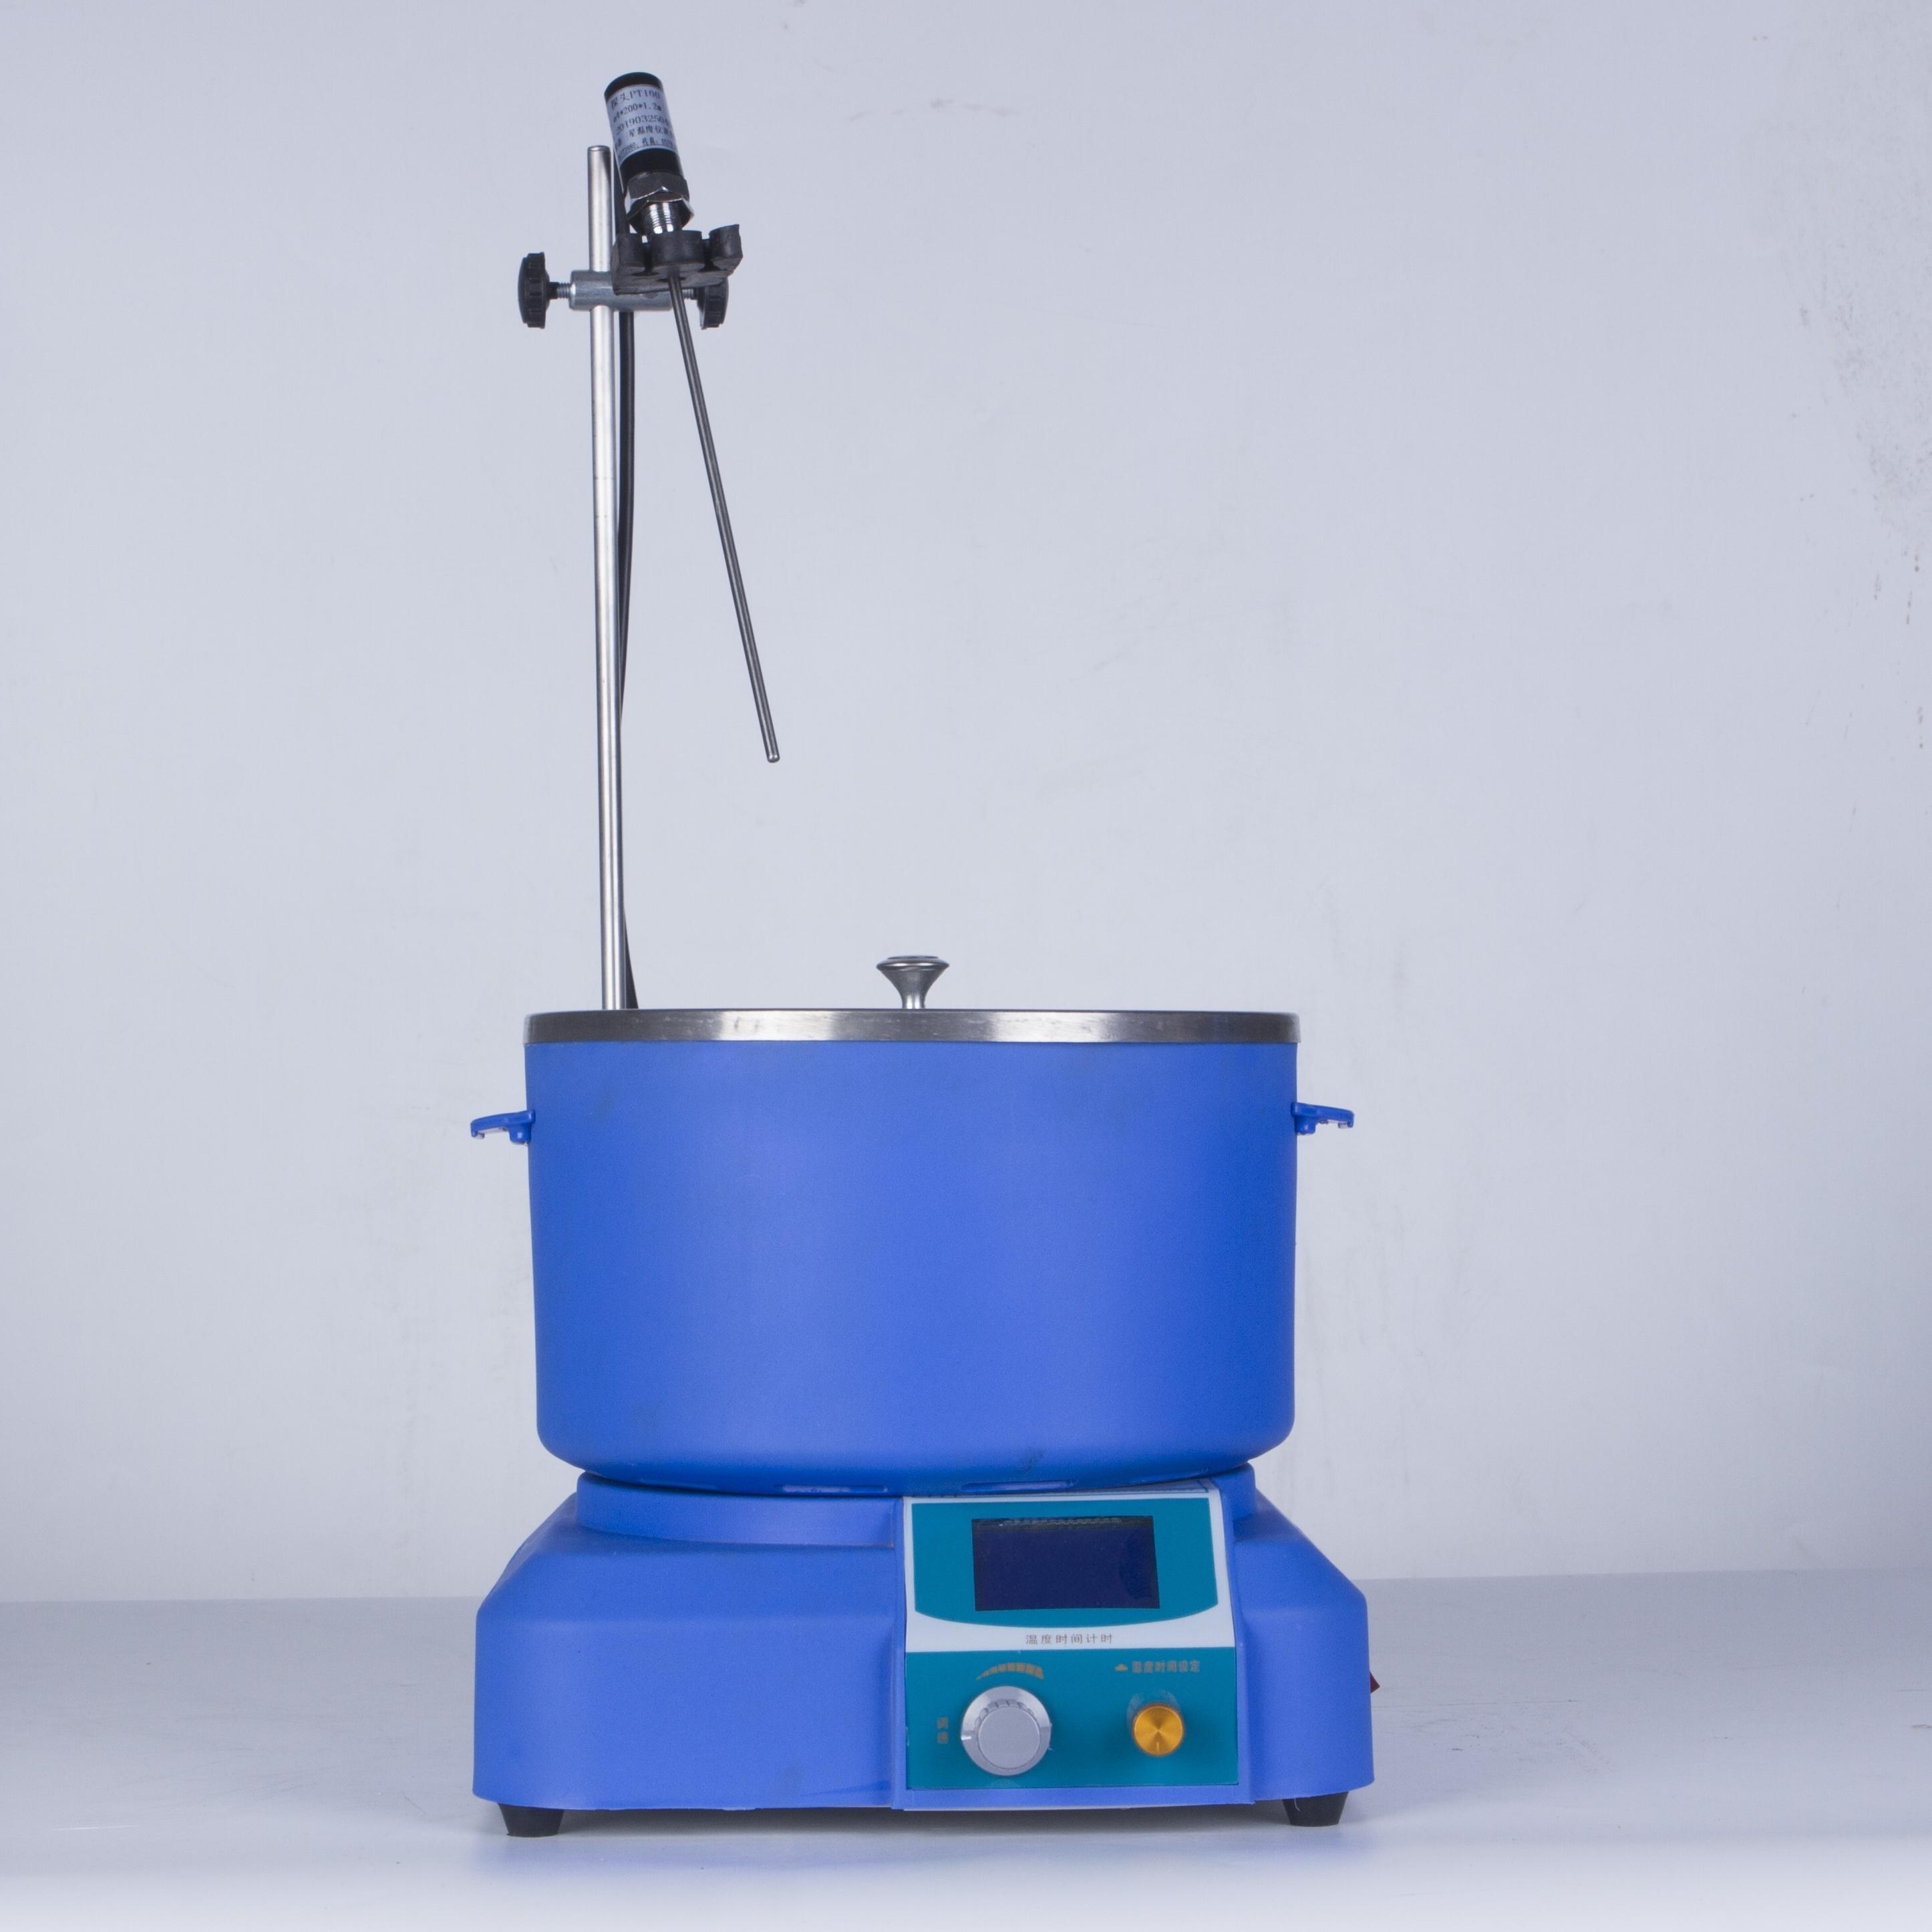 秋佐科技新款集热式磁力搅拌器YSCL-3D